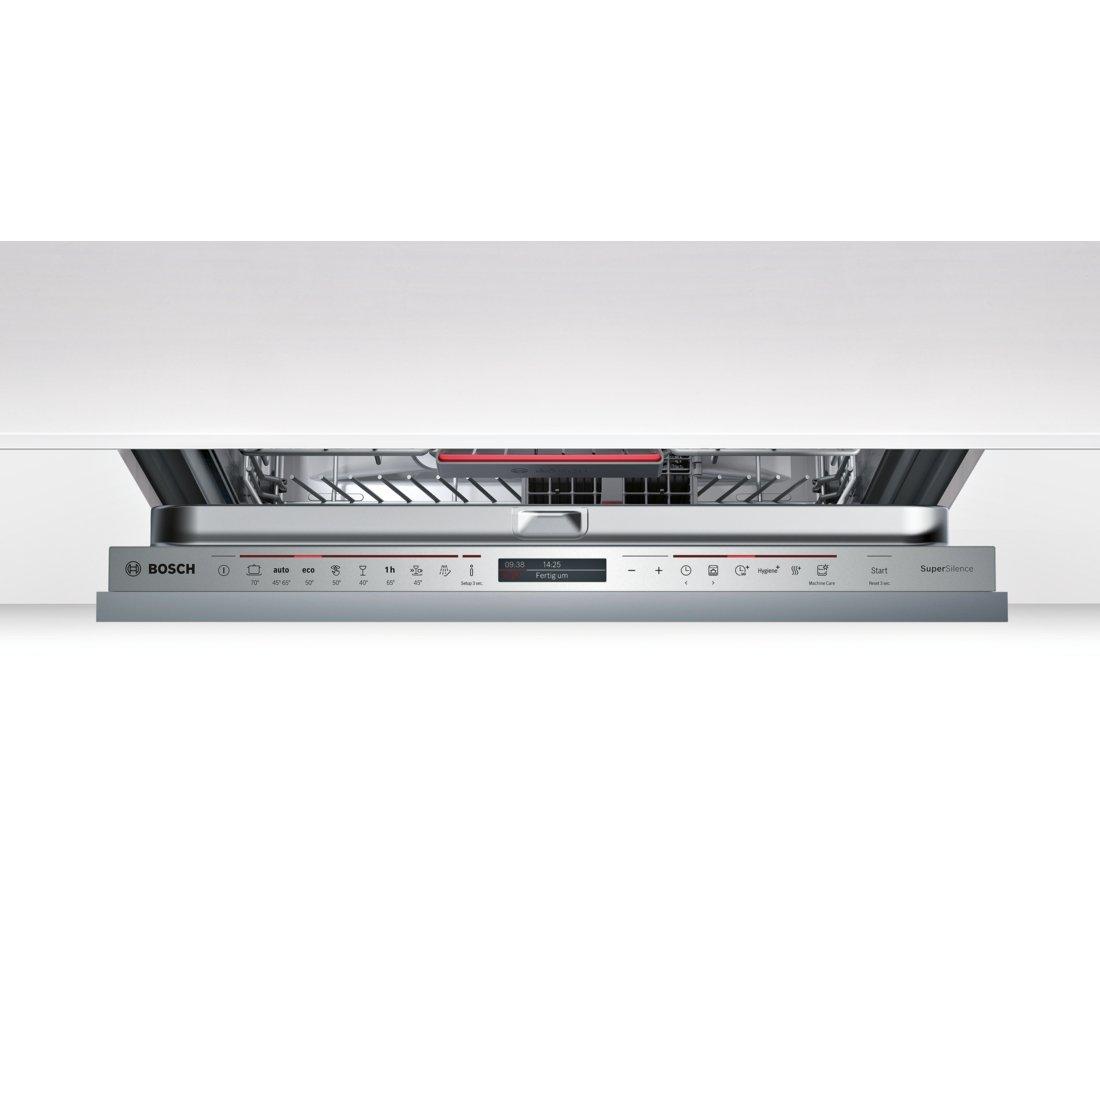 TFT-Display 2660 L//jahr 234 kWh//Jahr Bosch SMV68IX01E Serie 6 Vollintegriertgeschirrsp/üler A+++